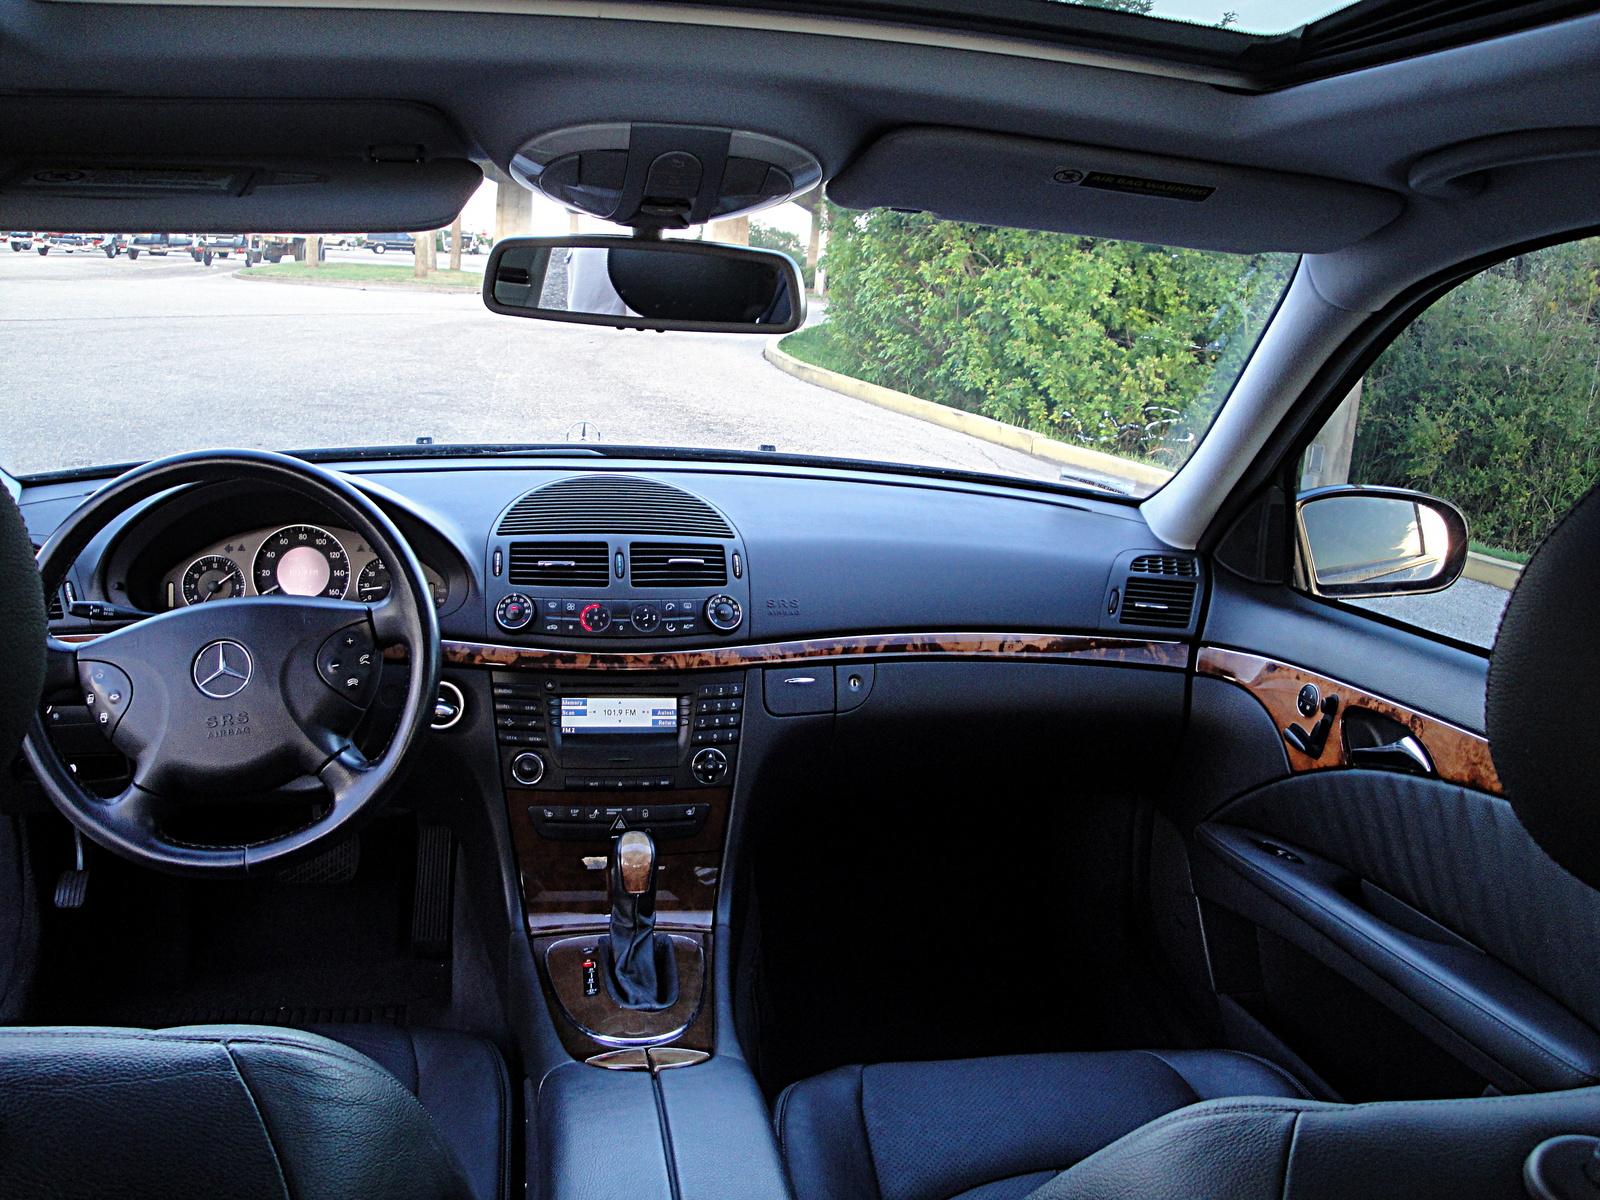 2003 mercedes benz e class interior pictures cargurus for 2003 mercedes benz e320 specs